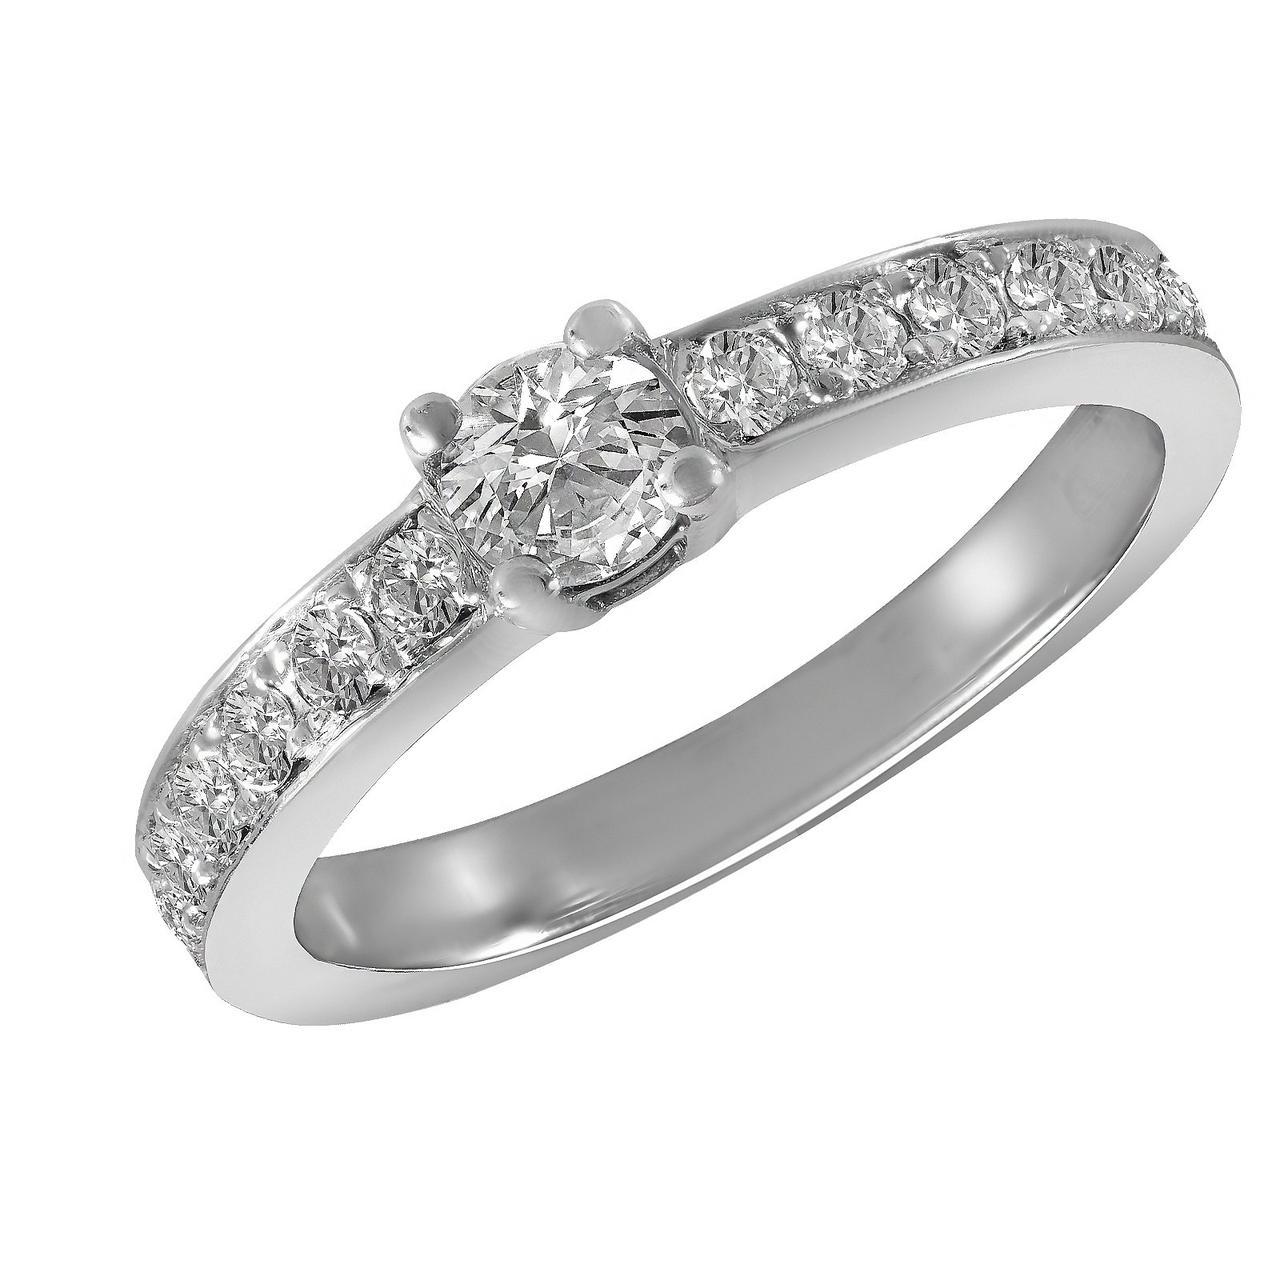 Золотое кольцо с бриллиантами, размер 15 (1680828)